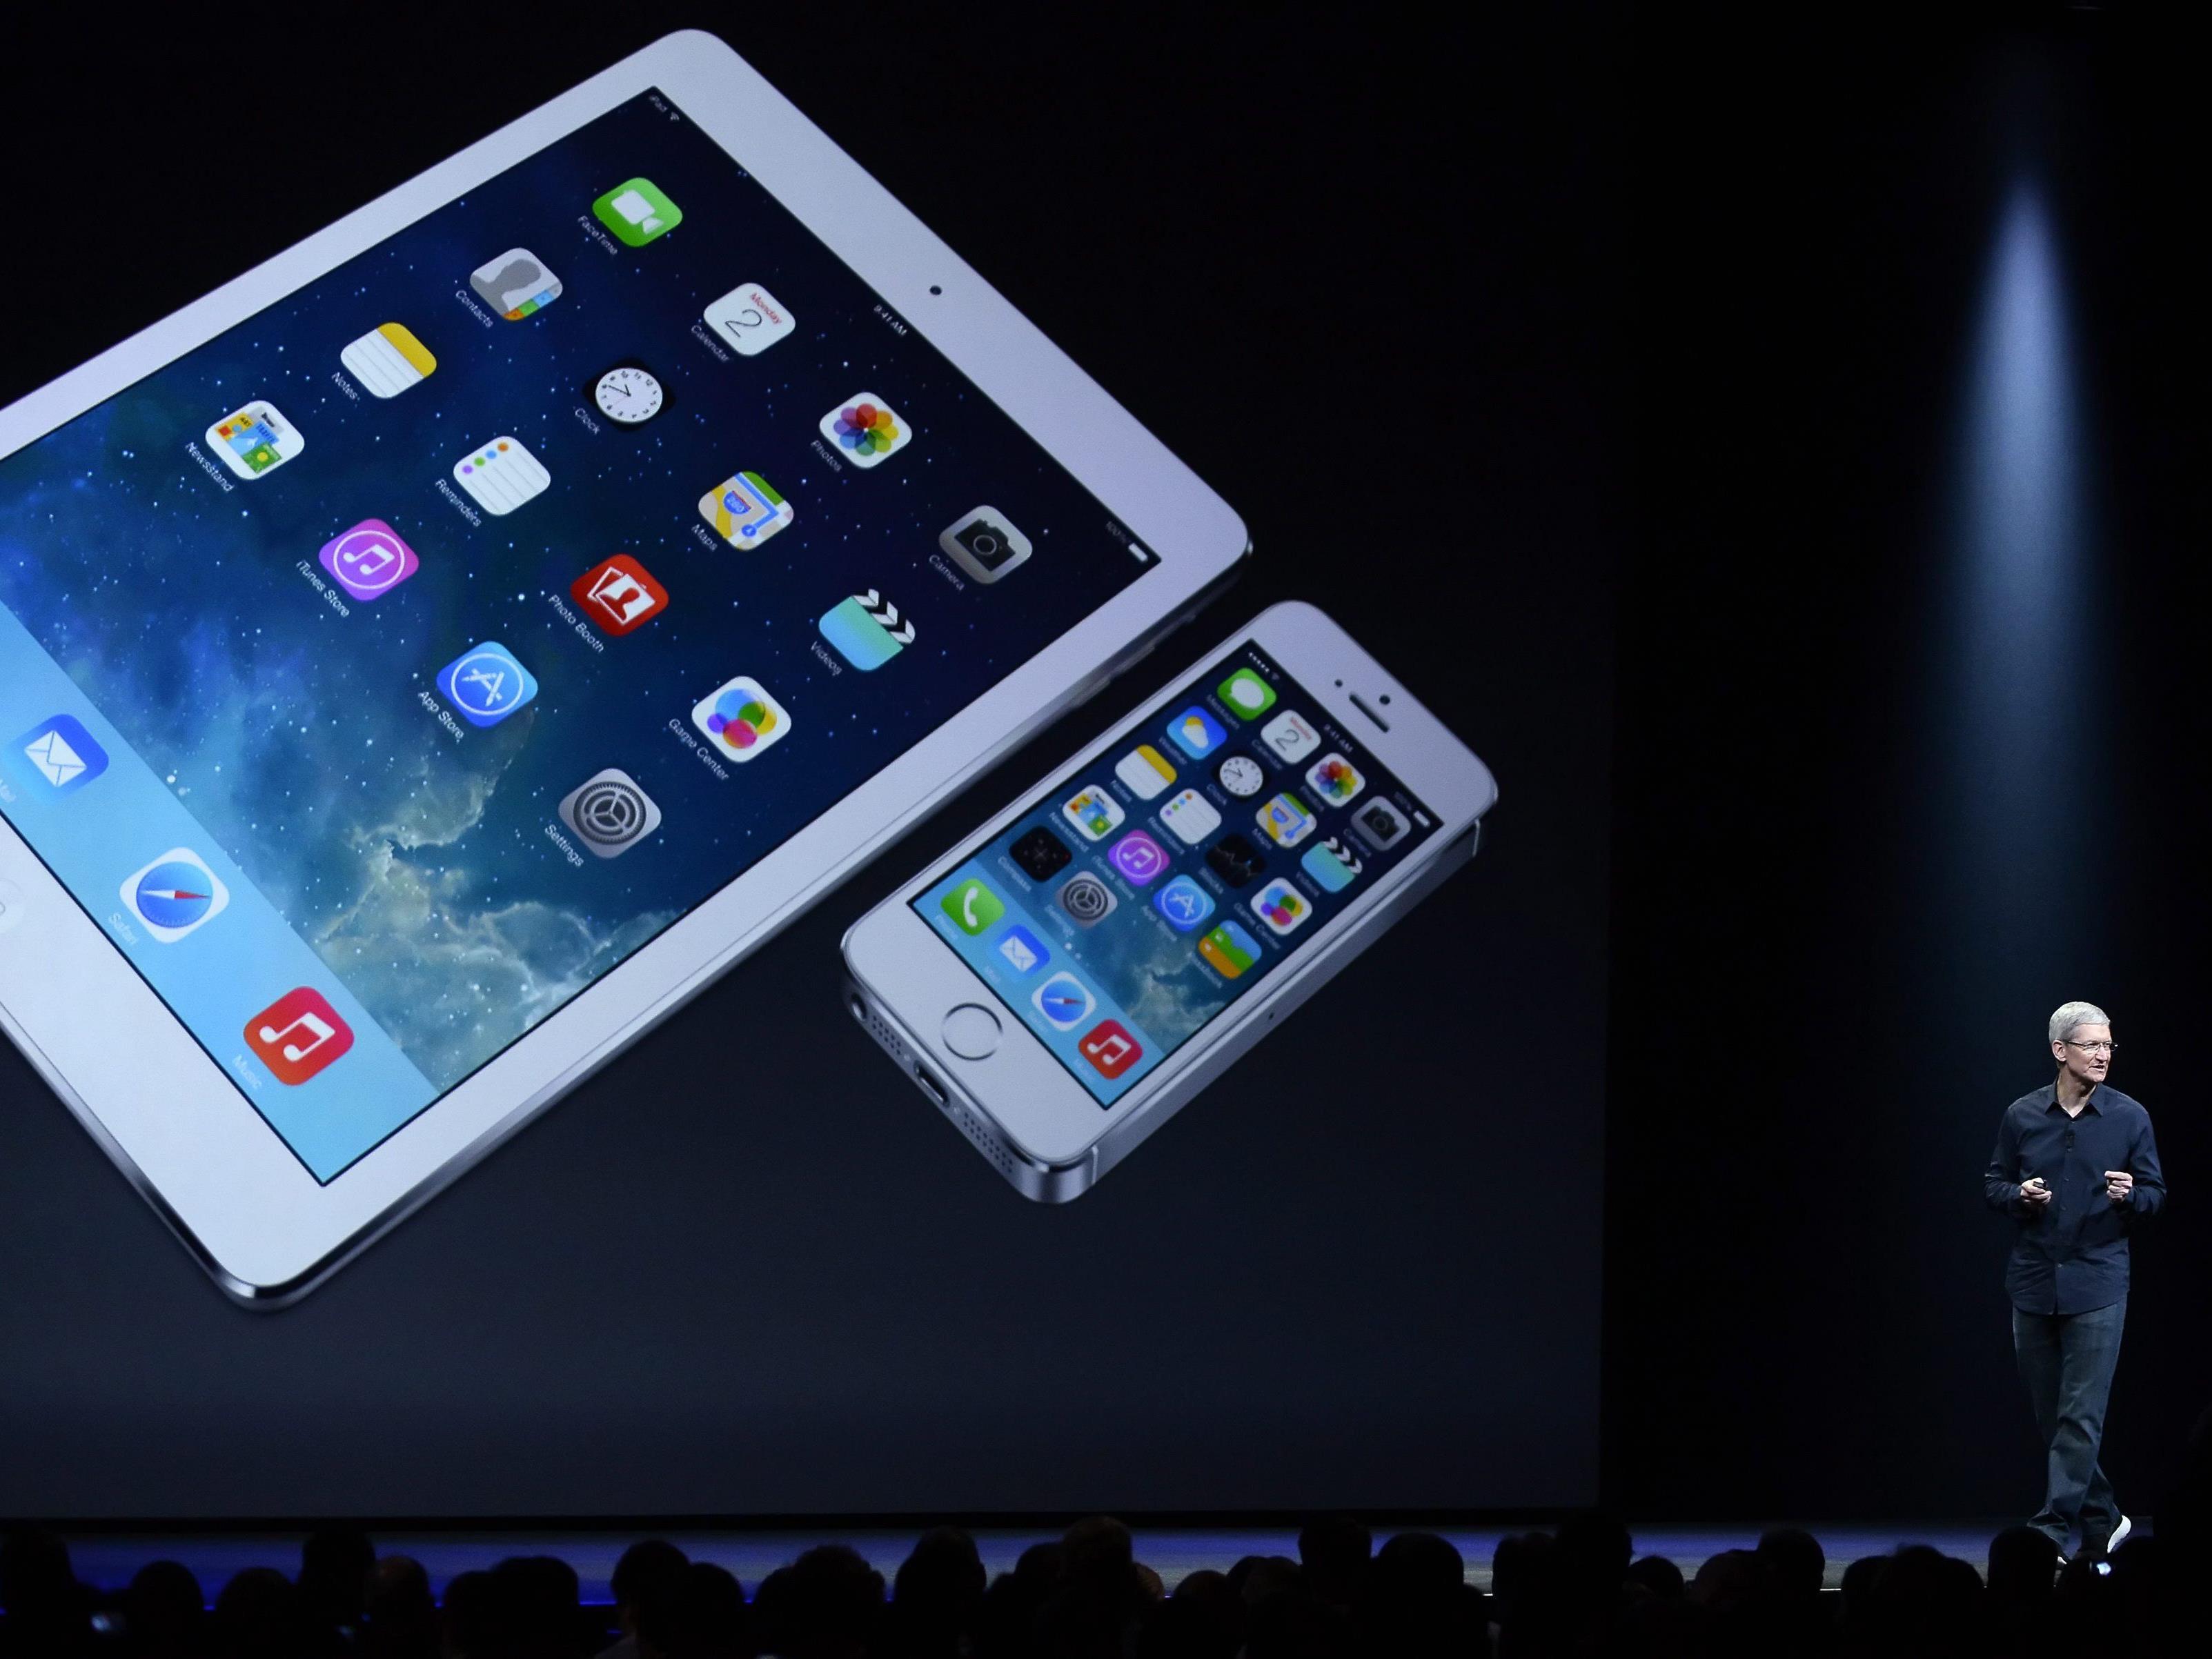 Das iOs 8 funktioniert nur auf neueren Apple-Geräten